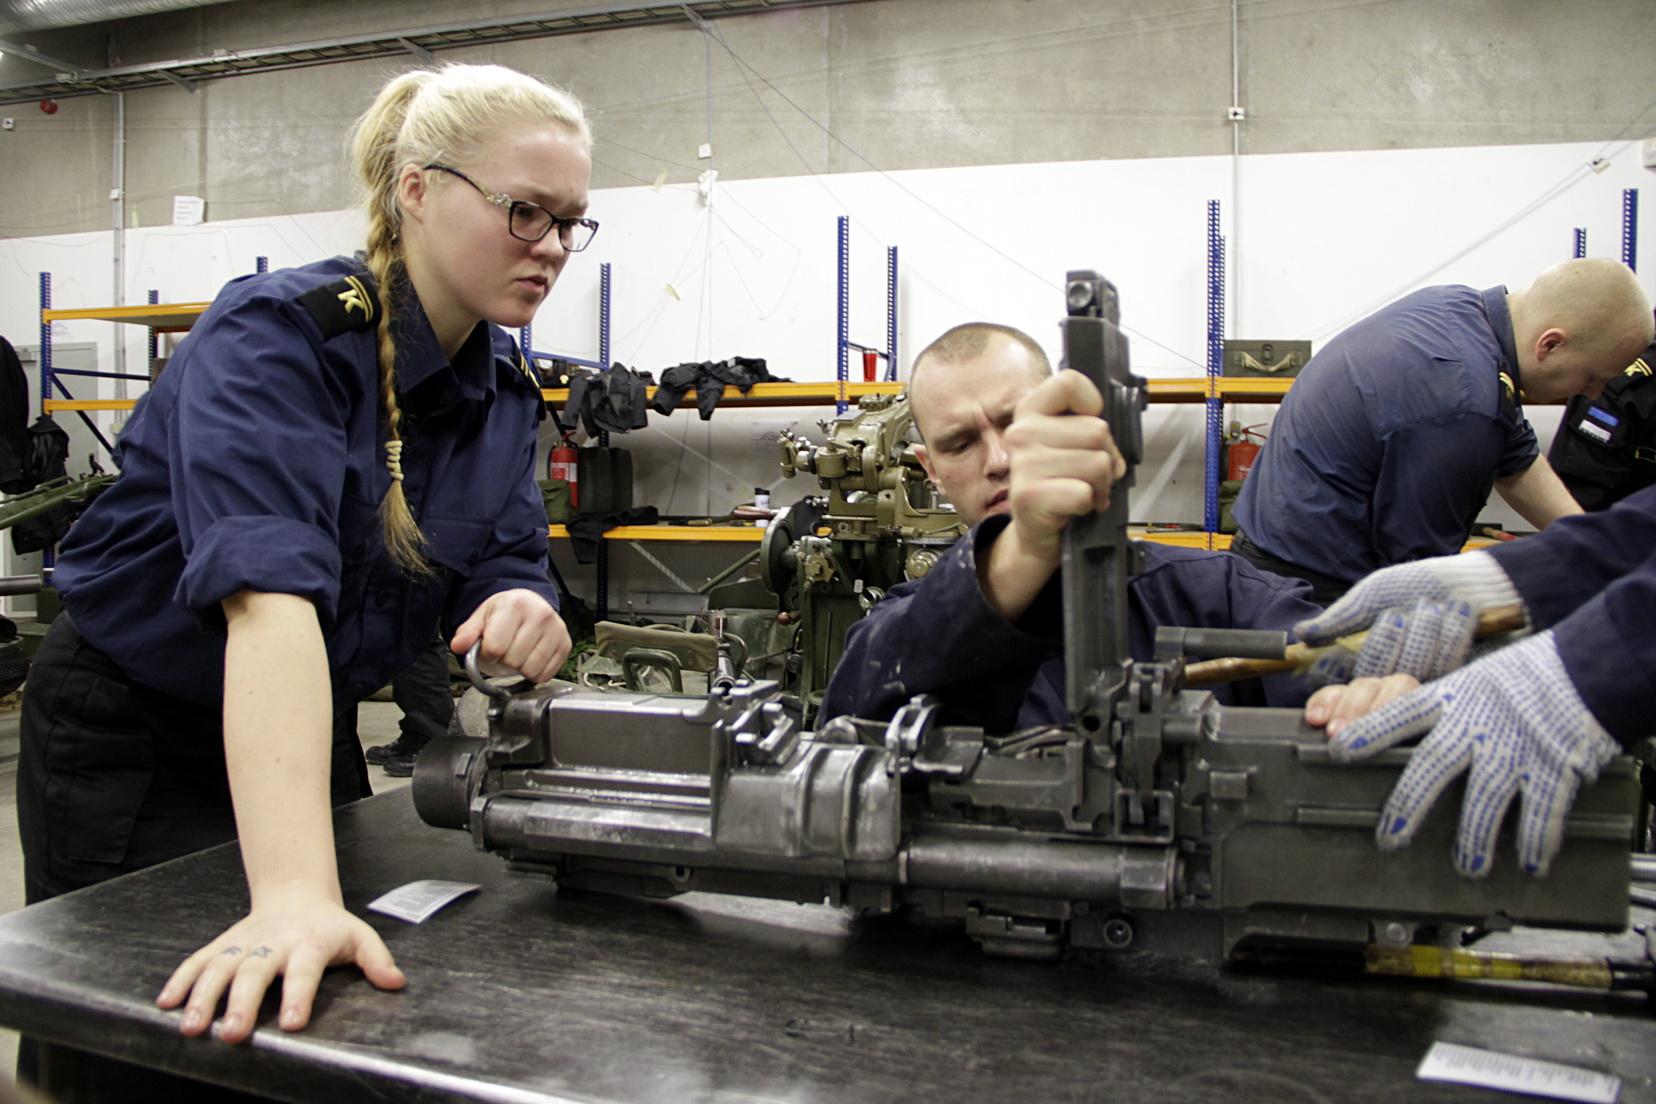 Image for Naistel on kaitseväkke minekuks vaja topeltjulgust